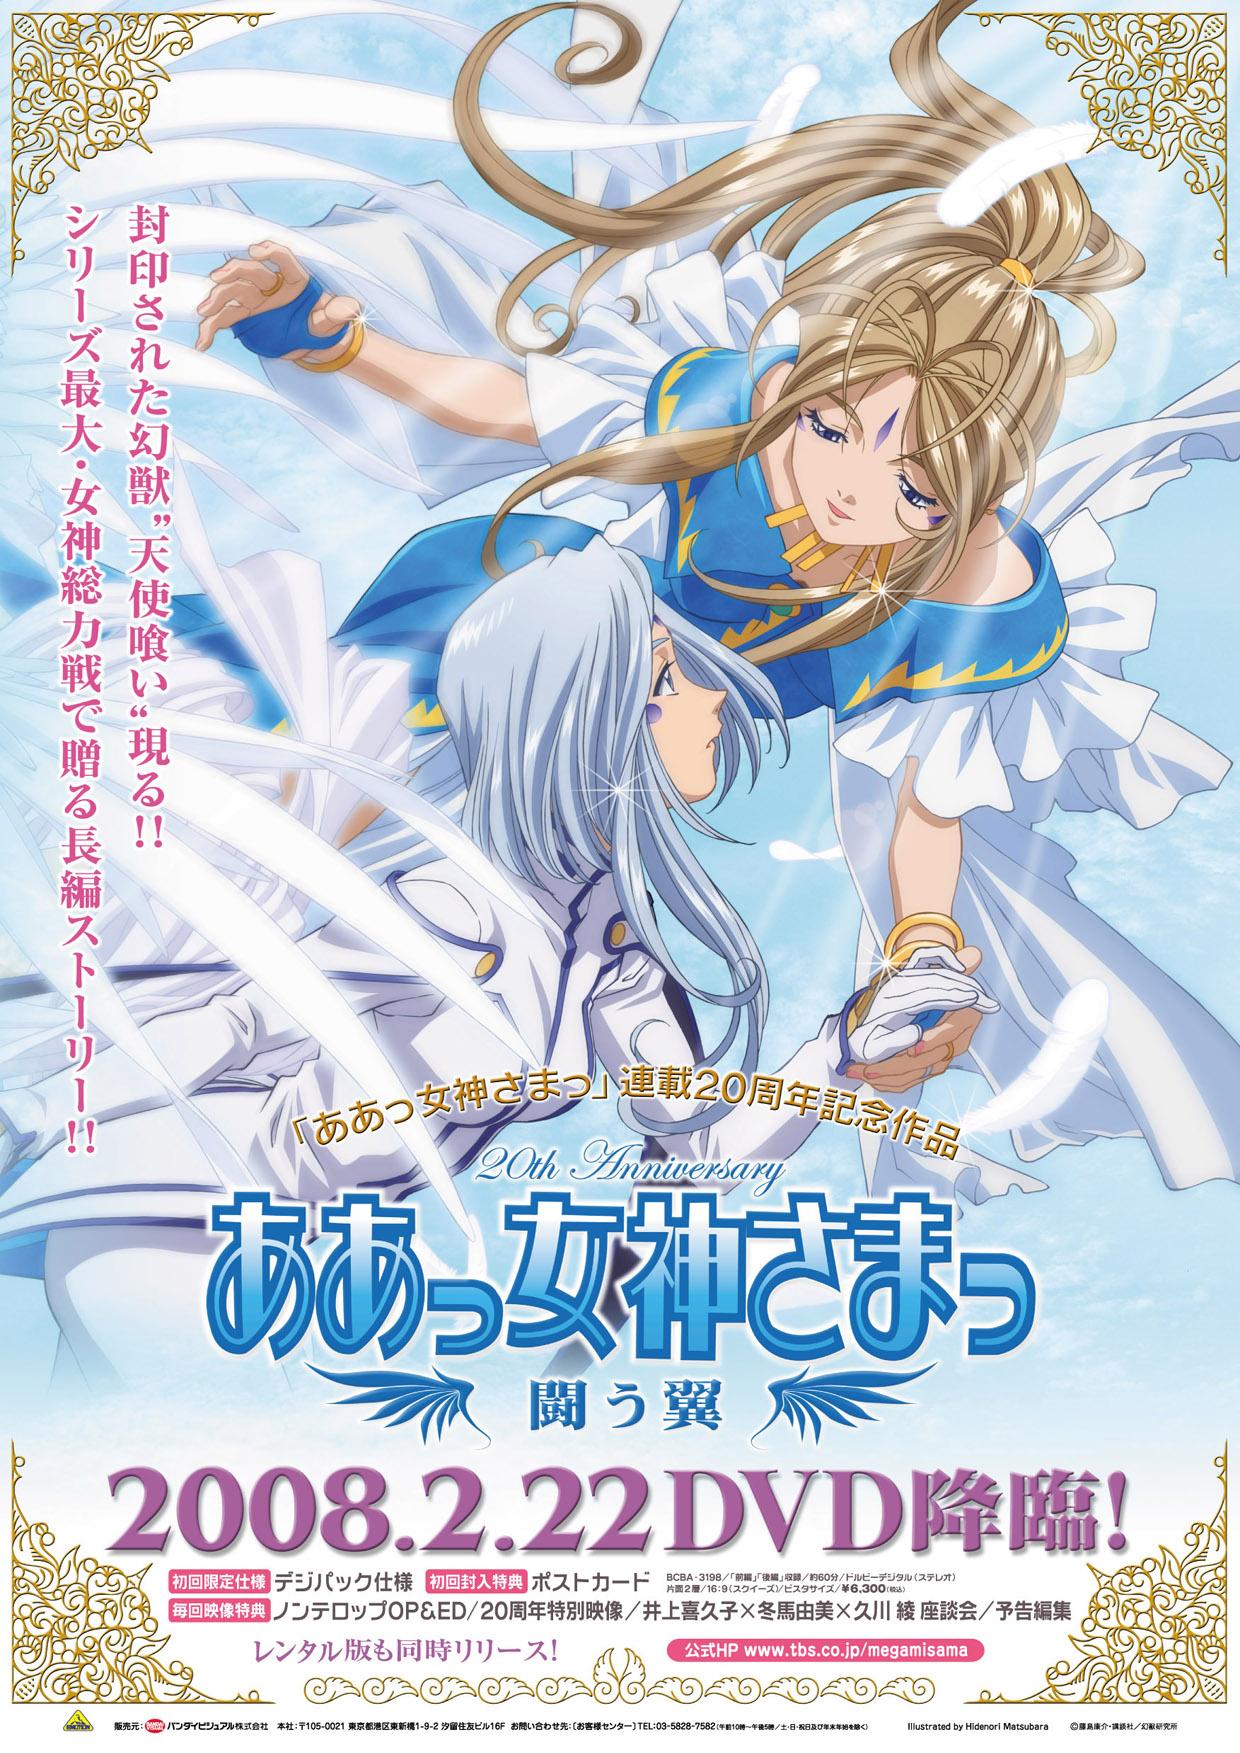 闘う翼DVDポスター